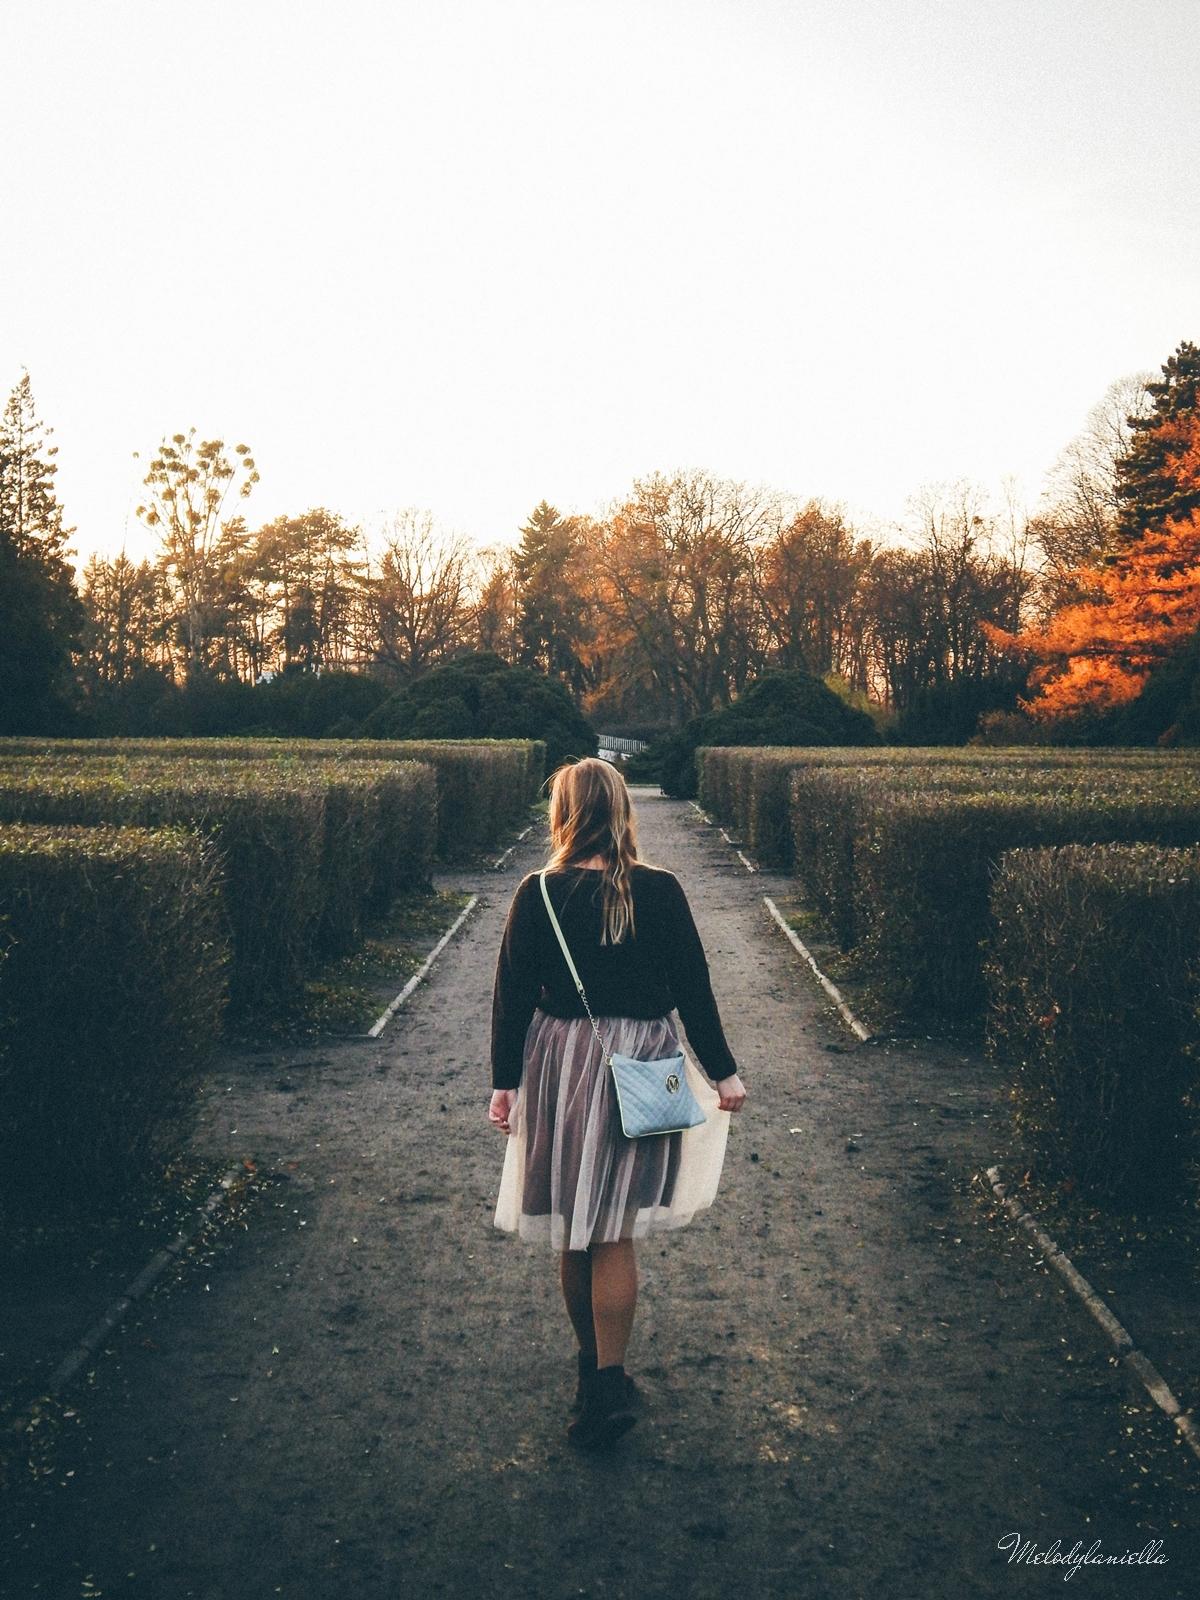 11. jesienna stylizacja tutu tiulowa spódnica dla dorosłych brązowy sweter torebka manzana melodylaniella autumn style fashion ciekawa stylizacja na jesień brązowa spódnica tumblr